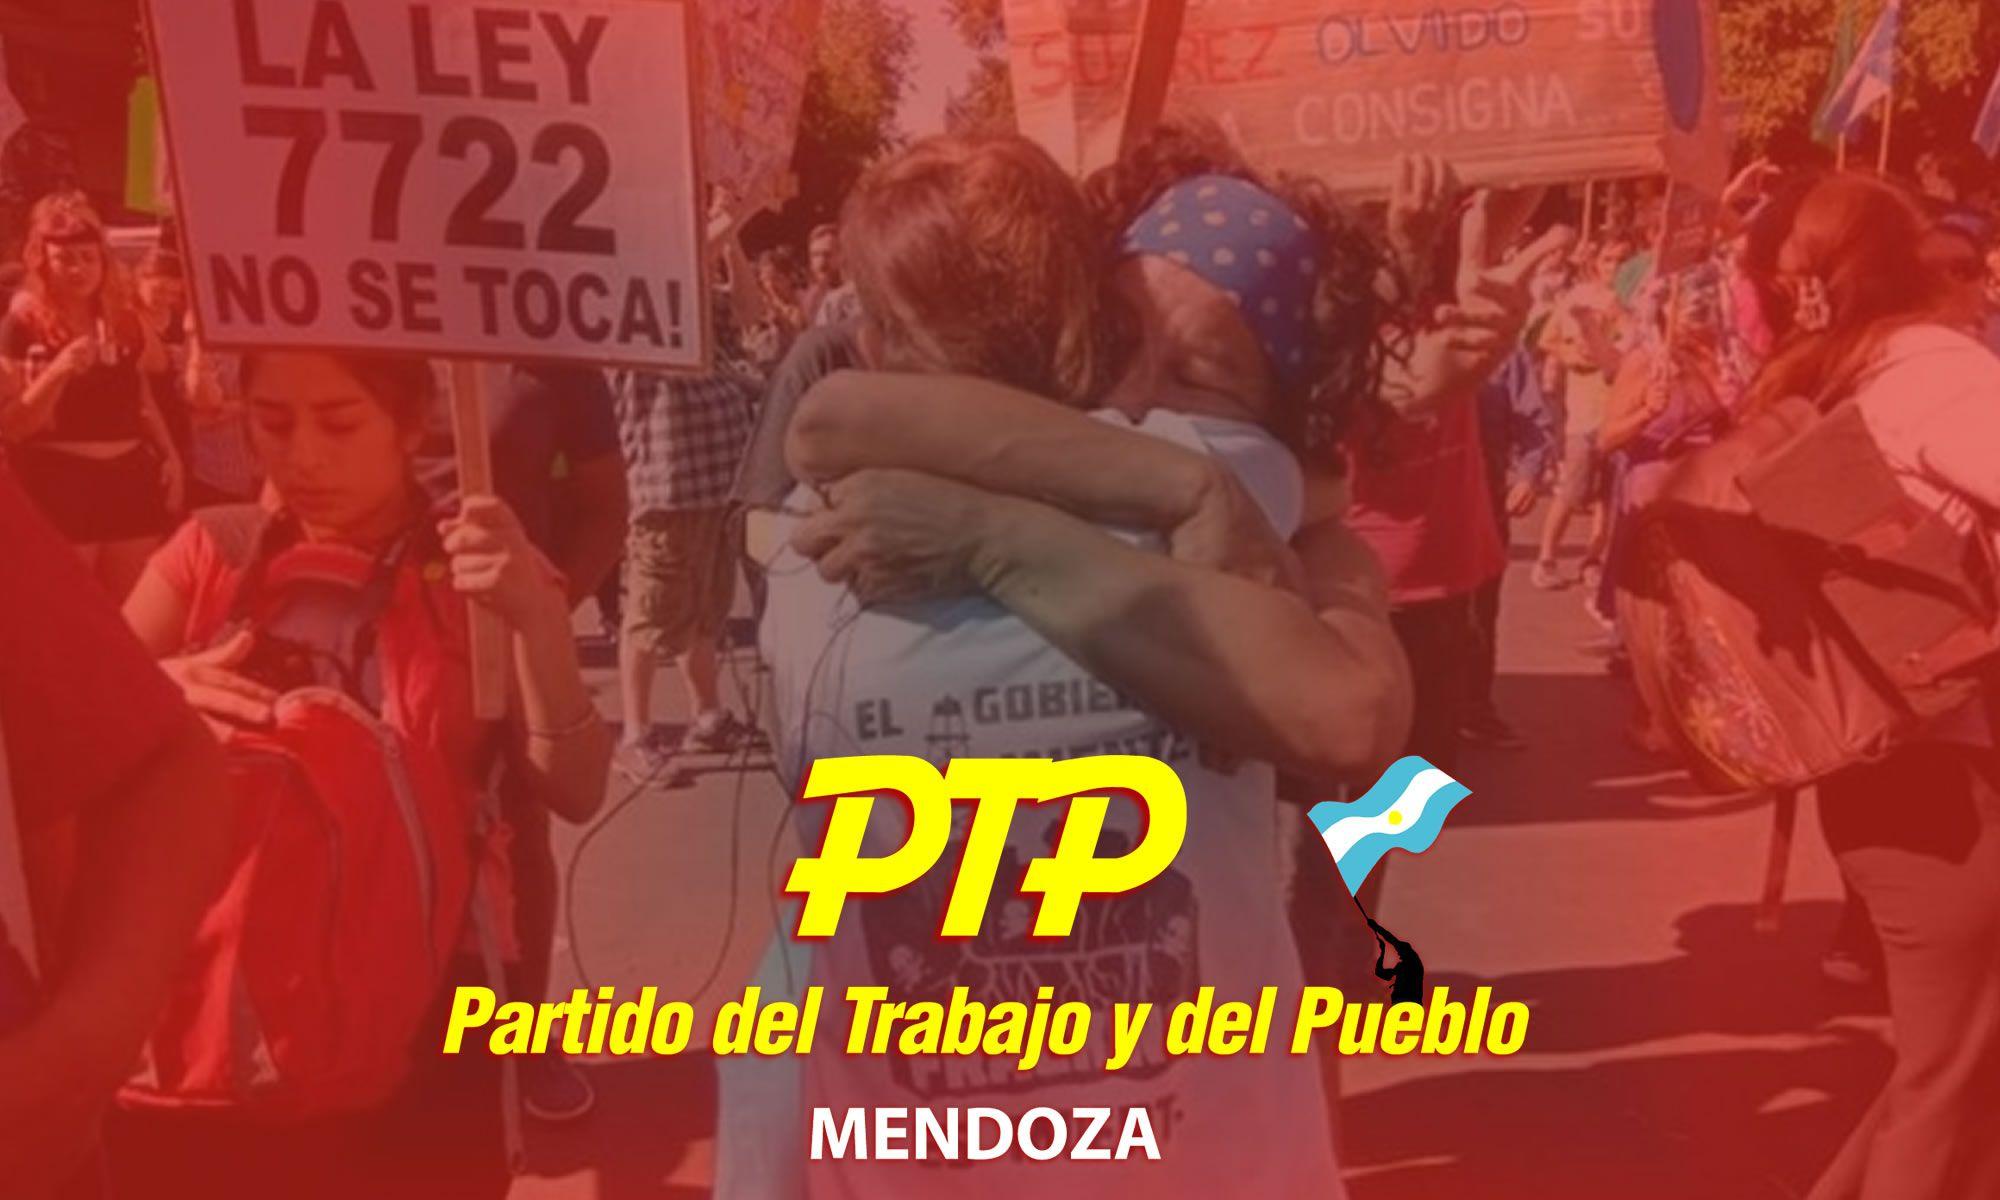 PTP Mendoza